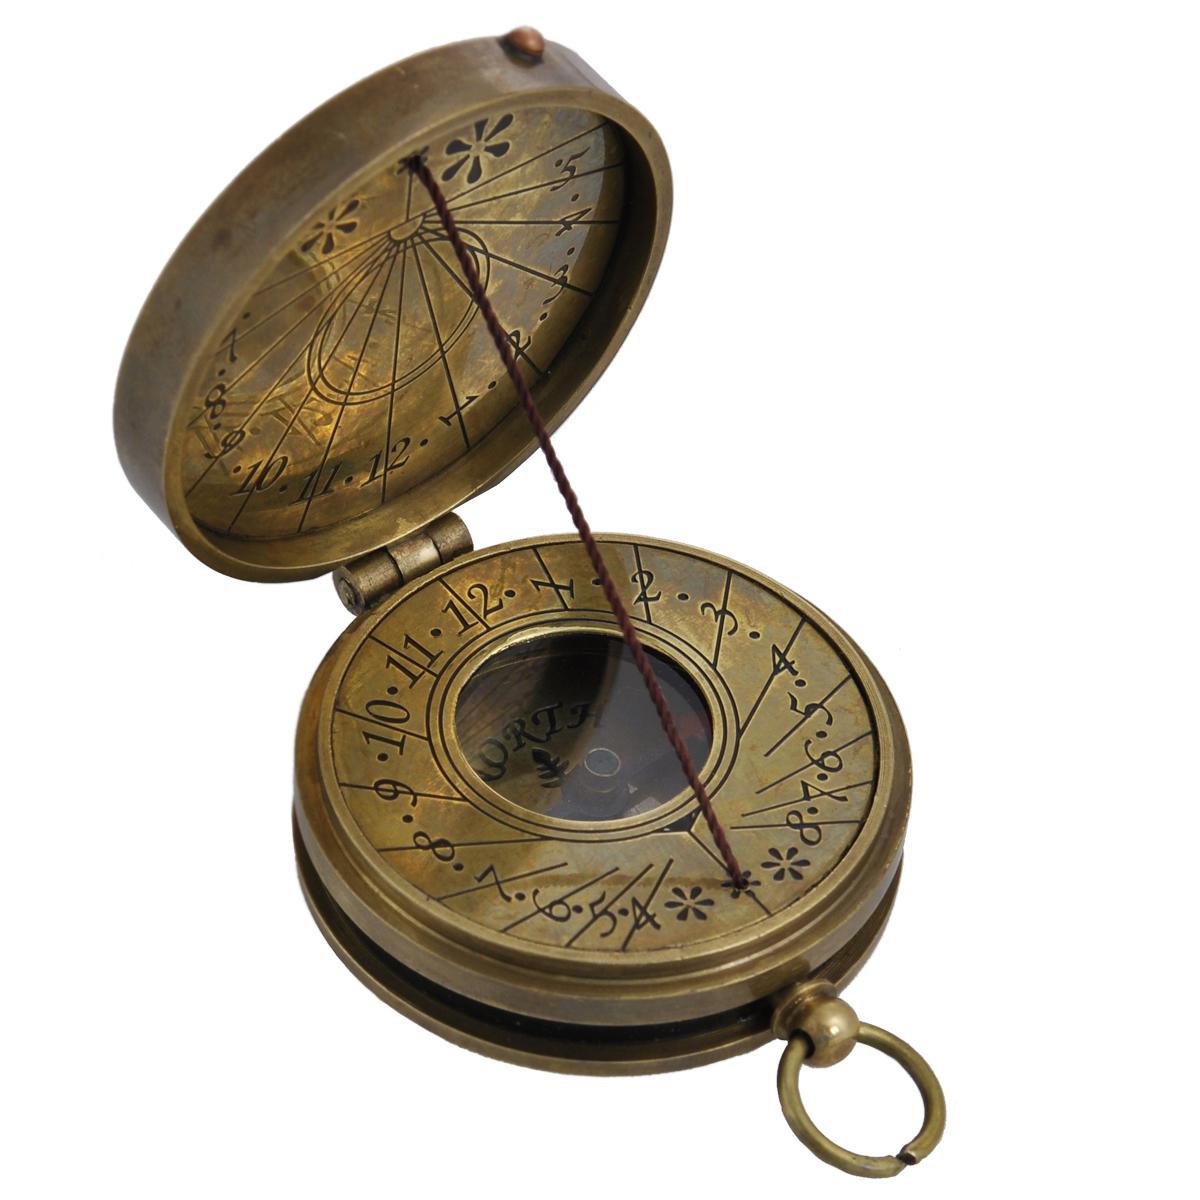 Сувенир настольный Солнечные часы и компас. 3581135811Настольный сувенир, выполнен в виде старинных солнечных часов с внутренним магнитным компасом. Корпус выполнен из латуни и украшен надписью «Coronation Of Elezabeth Ii June - 1953» на крышке. Циферблат компаса имеет обозначение севера: North. Циферблат солнечных часов оформлен арабскими цифрами, также арабскими цифрами оформлена внутренняя сторона крышки. Такой сувенир станет прекрасным подарком человеку, любящему красивые, но в тоже время практичные вещи, способные украсить интерьер офиса или дома.